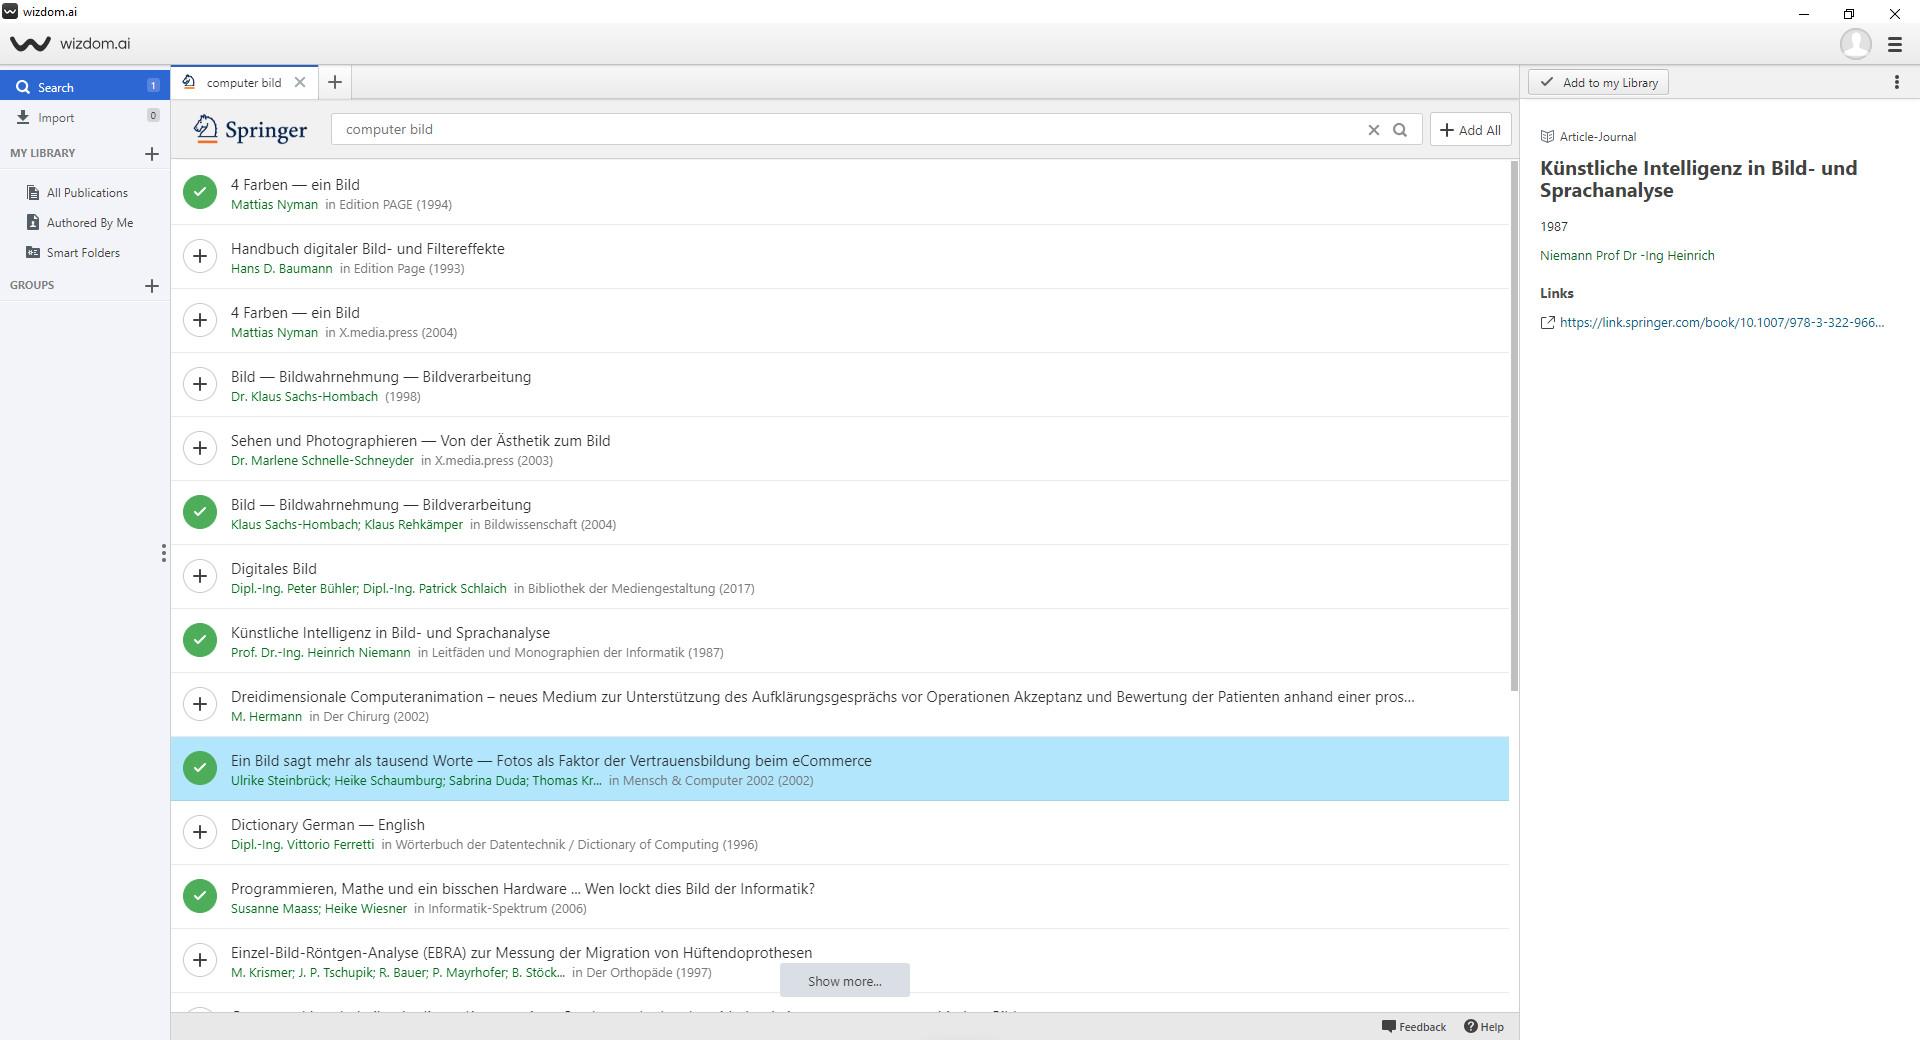 Screenshot 1 - Wizdom.ai